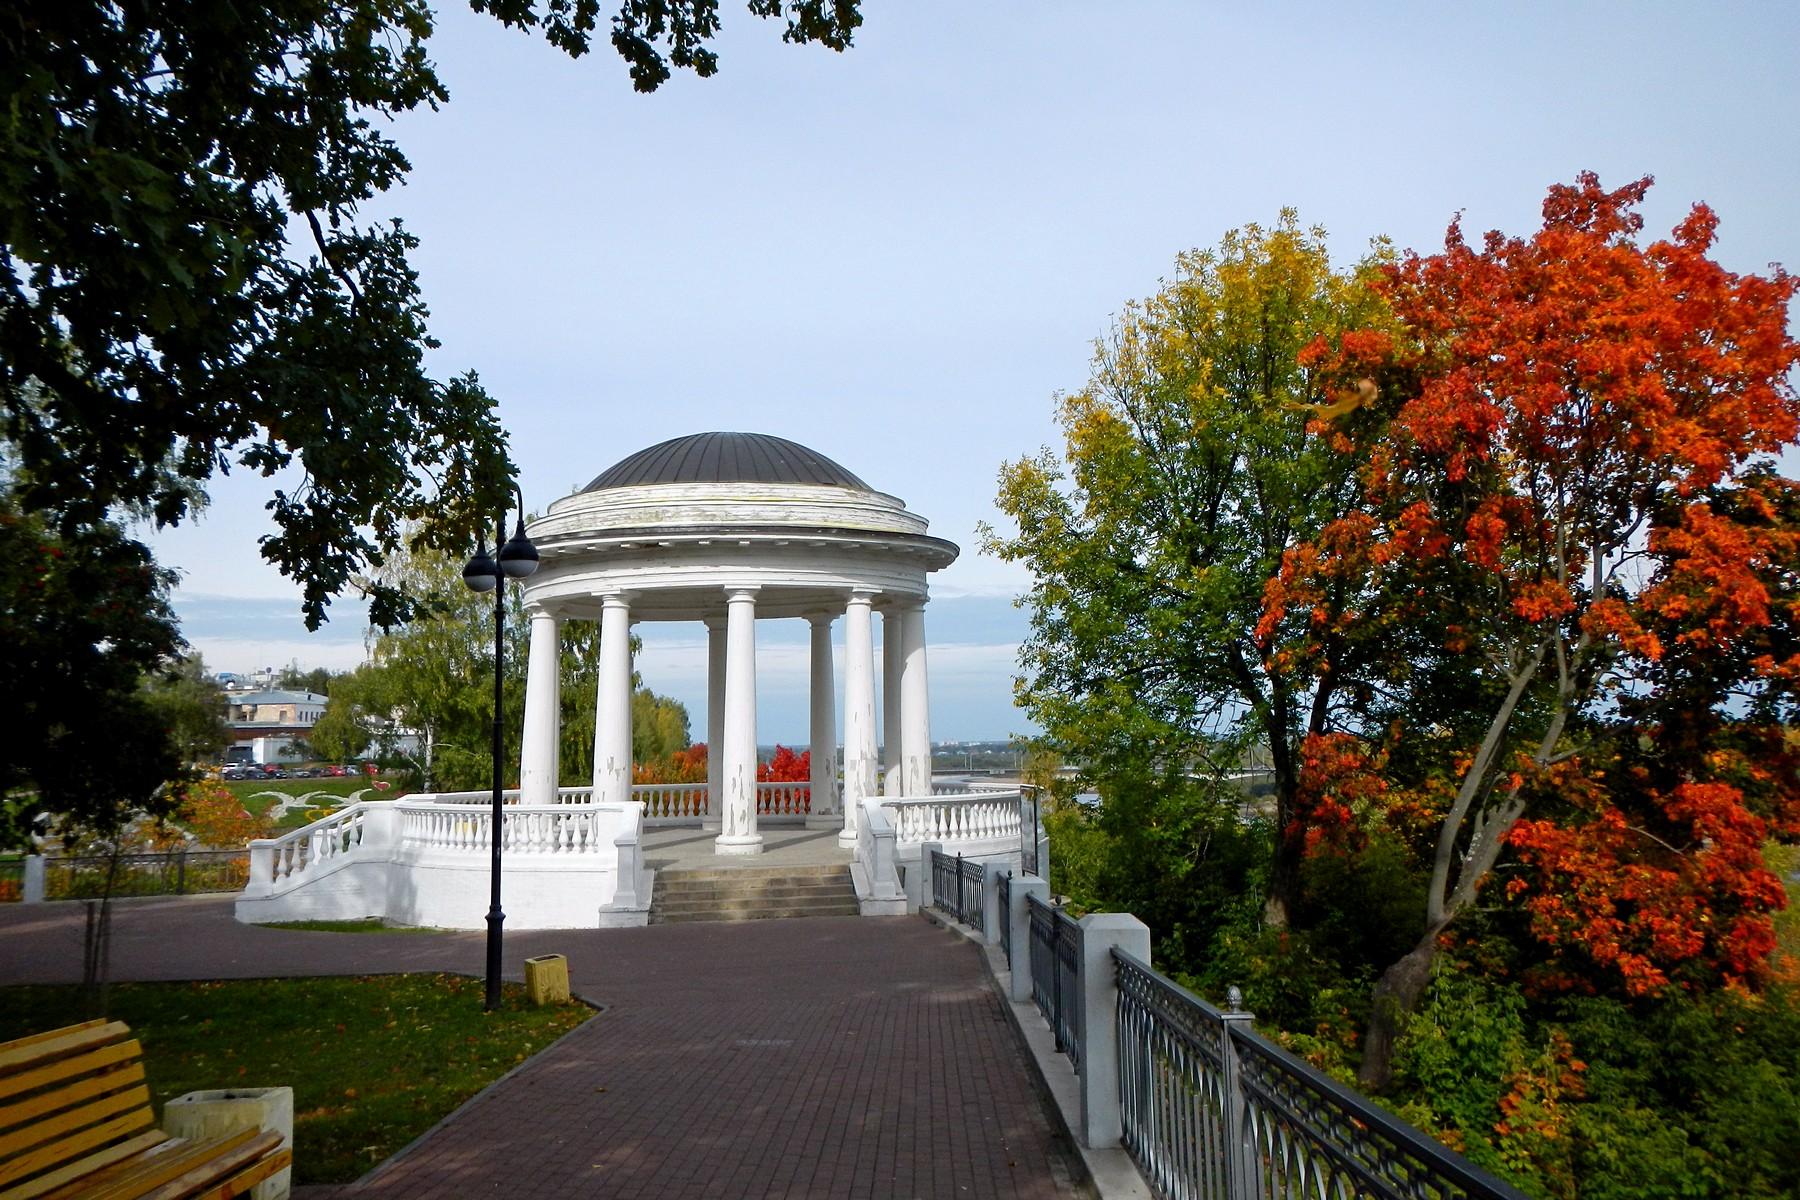 Картинка парка осеннего